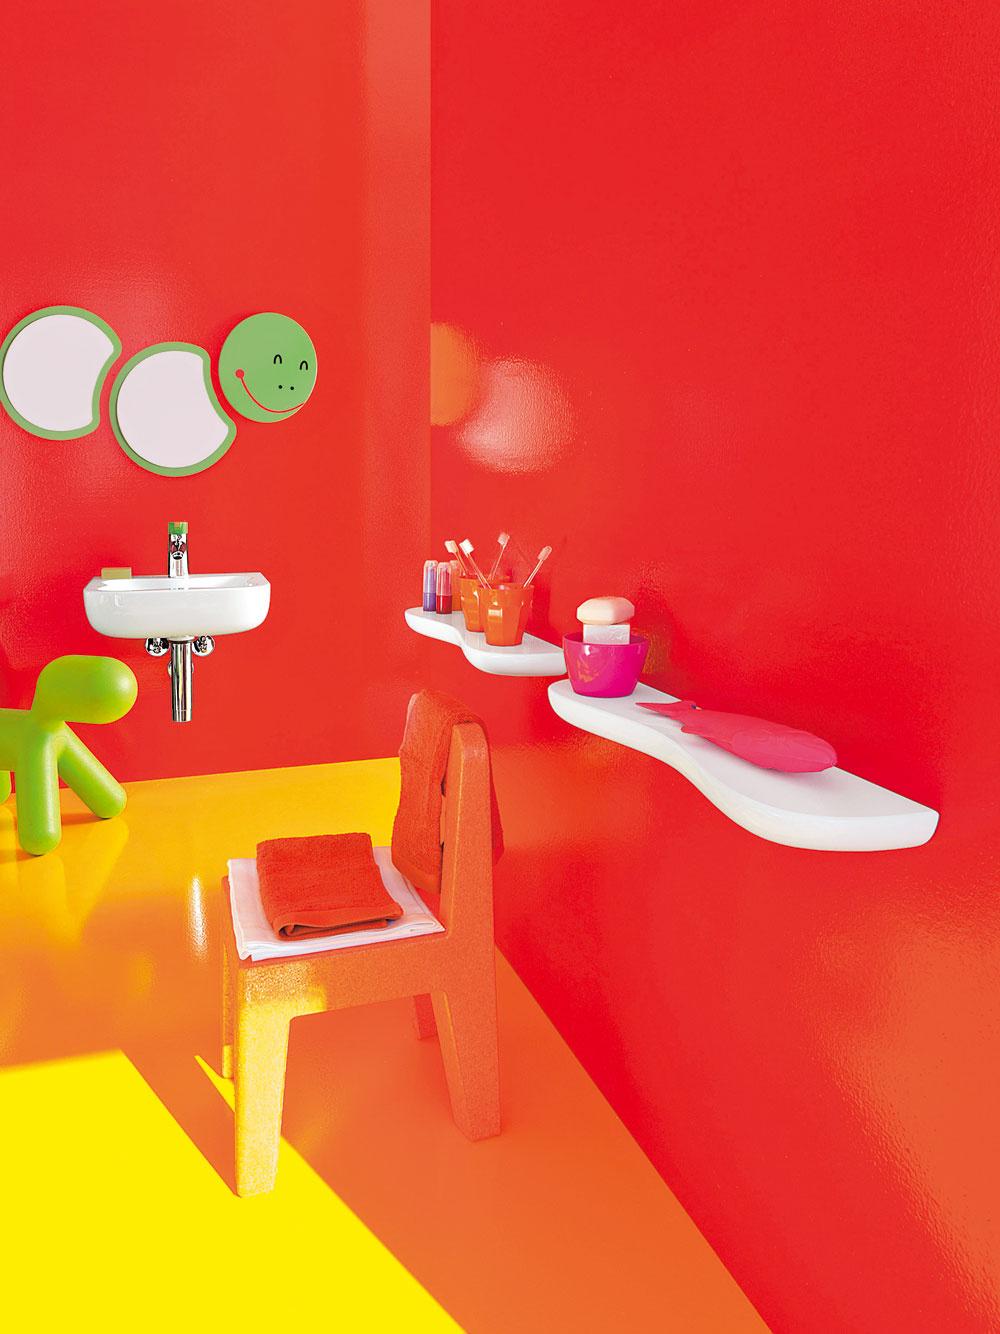 Netreba sa báť farieb, aj menší priestor znesie veselé ažiarivé farby, len ich treba správne skombinovať. Rovnako ako vmóde, aj tu letia kombinácie výrazných ažiarivých farieb, ktoré vnesú do priestoru radosť.